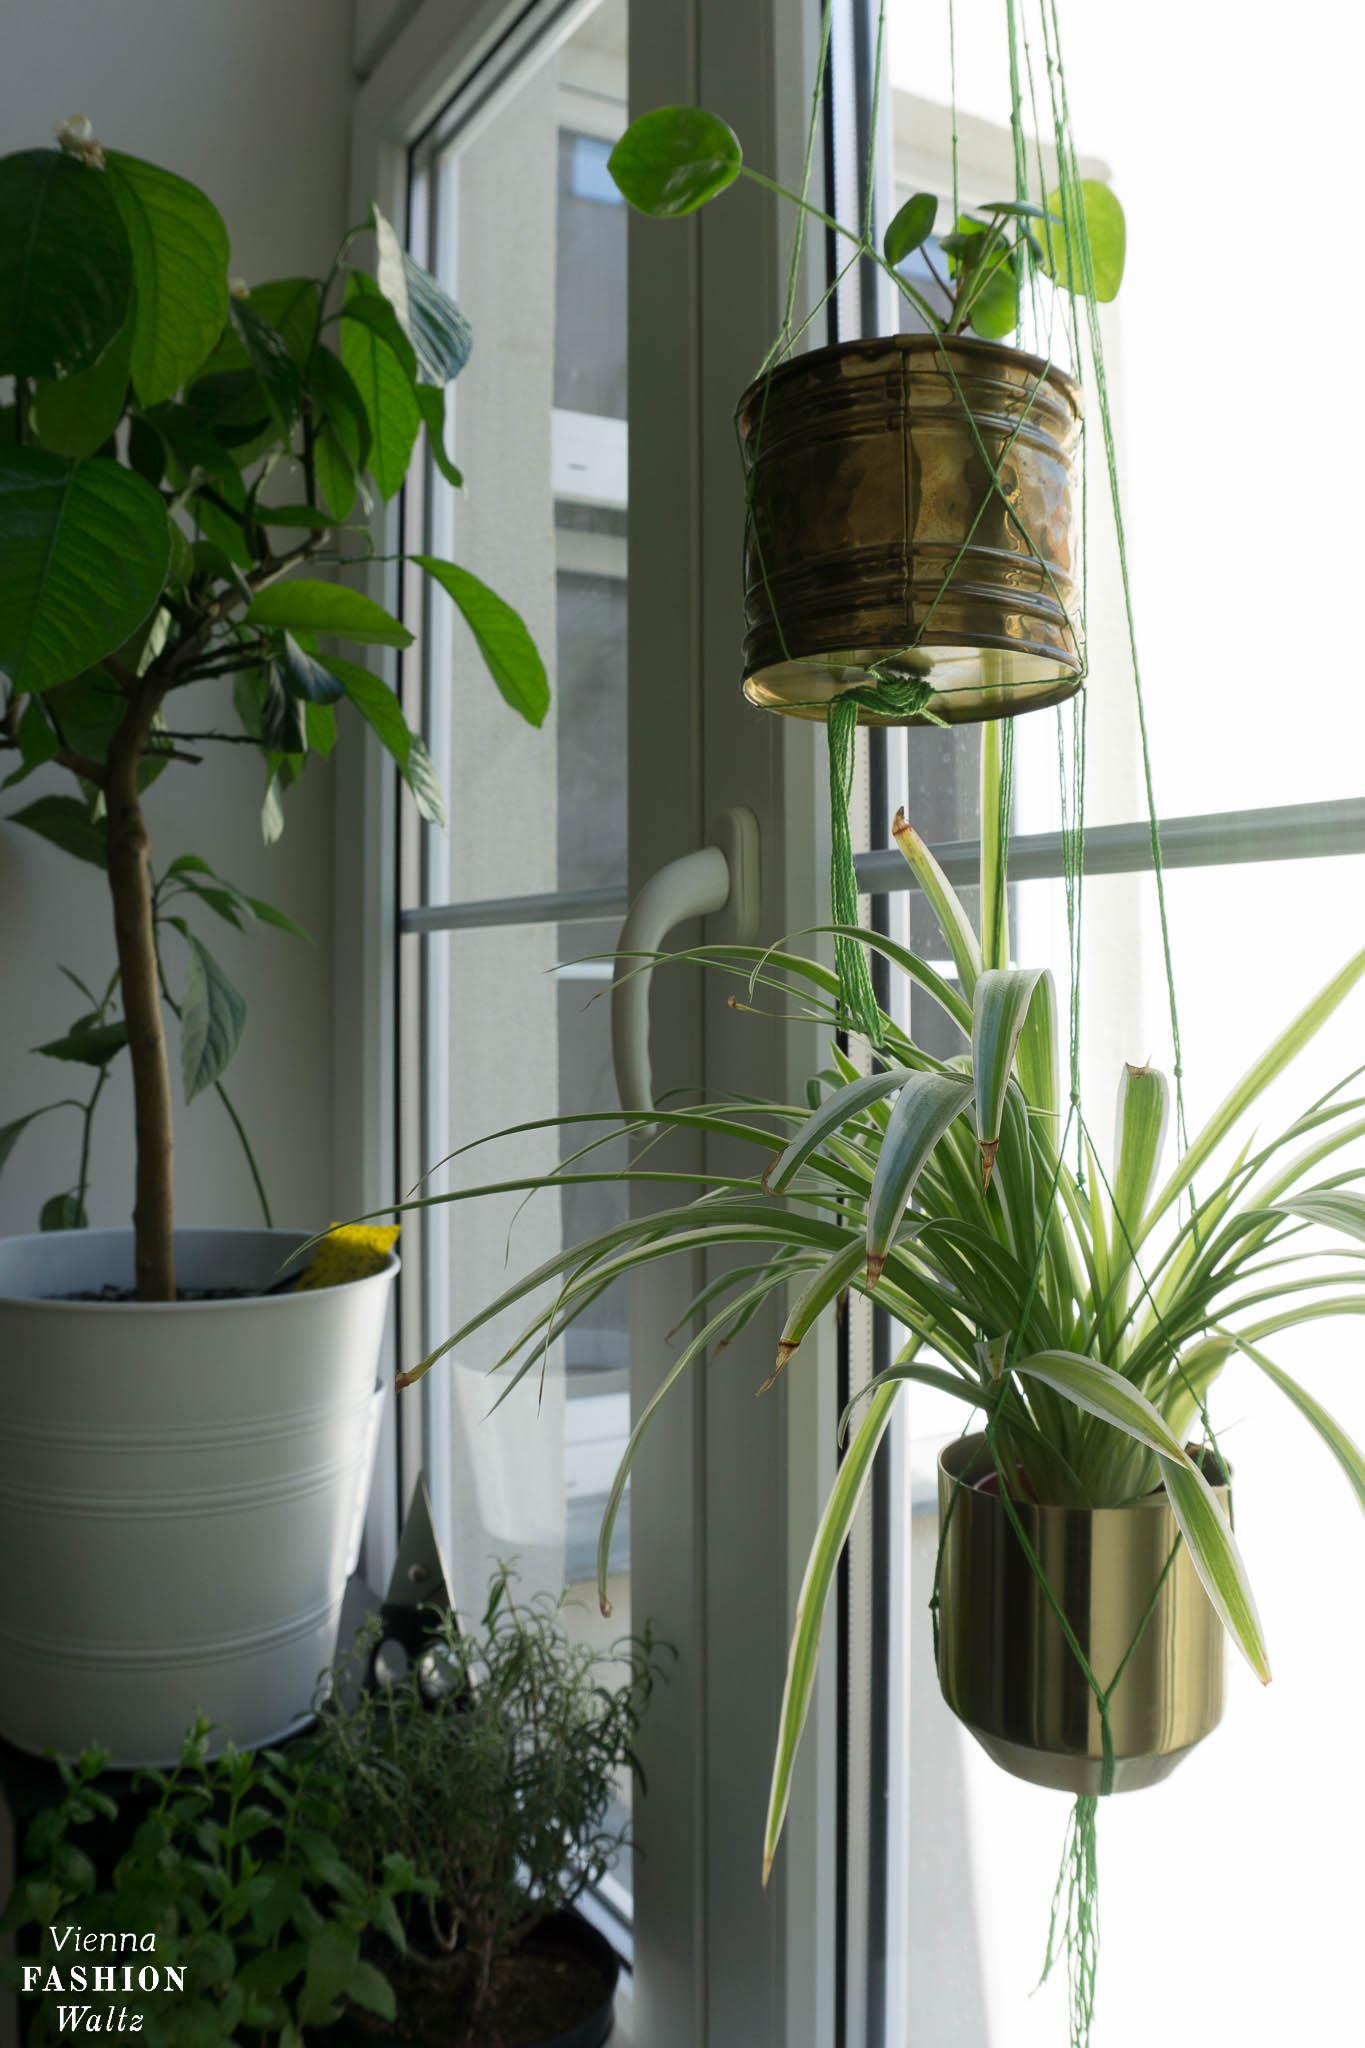 Pflanzenfenster, Urban Jungle, Pflanzen an die Wand hängen - DIY Inddor Garden - Urban Jungle- Pflanzen, Blumentopf www.viennafashionwaltz.com (44 von 75)